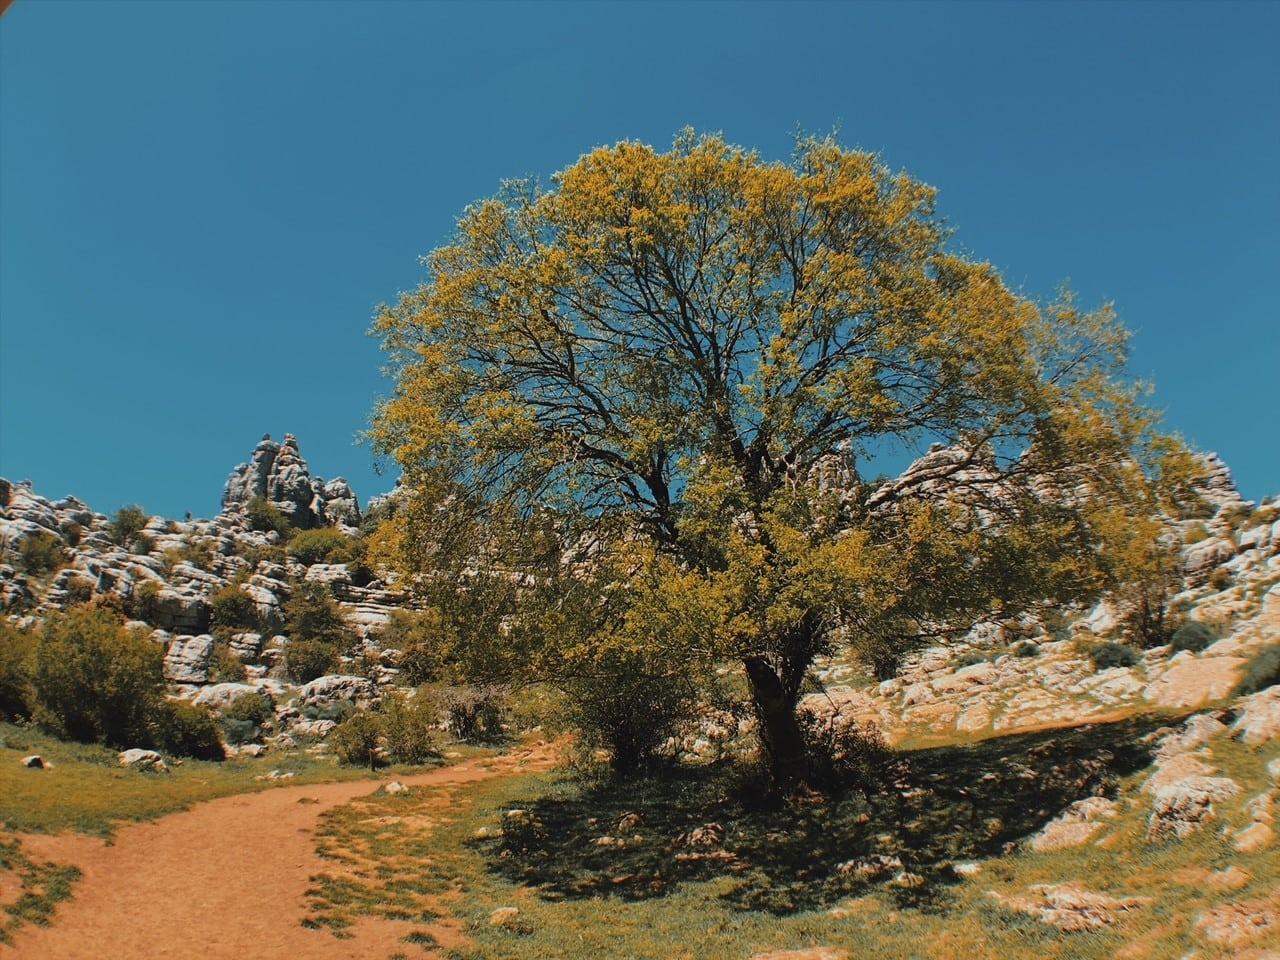 El Torcal de Antequera majówka andaluzja neverendingtravel.pl trekking, skały, górski spacer, trasa, szlak w górach, ścieżka, rezerwat, park narodowy, drzewo